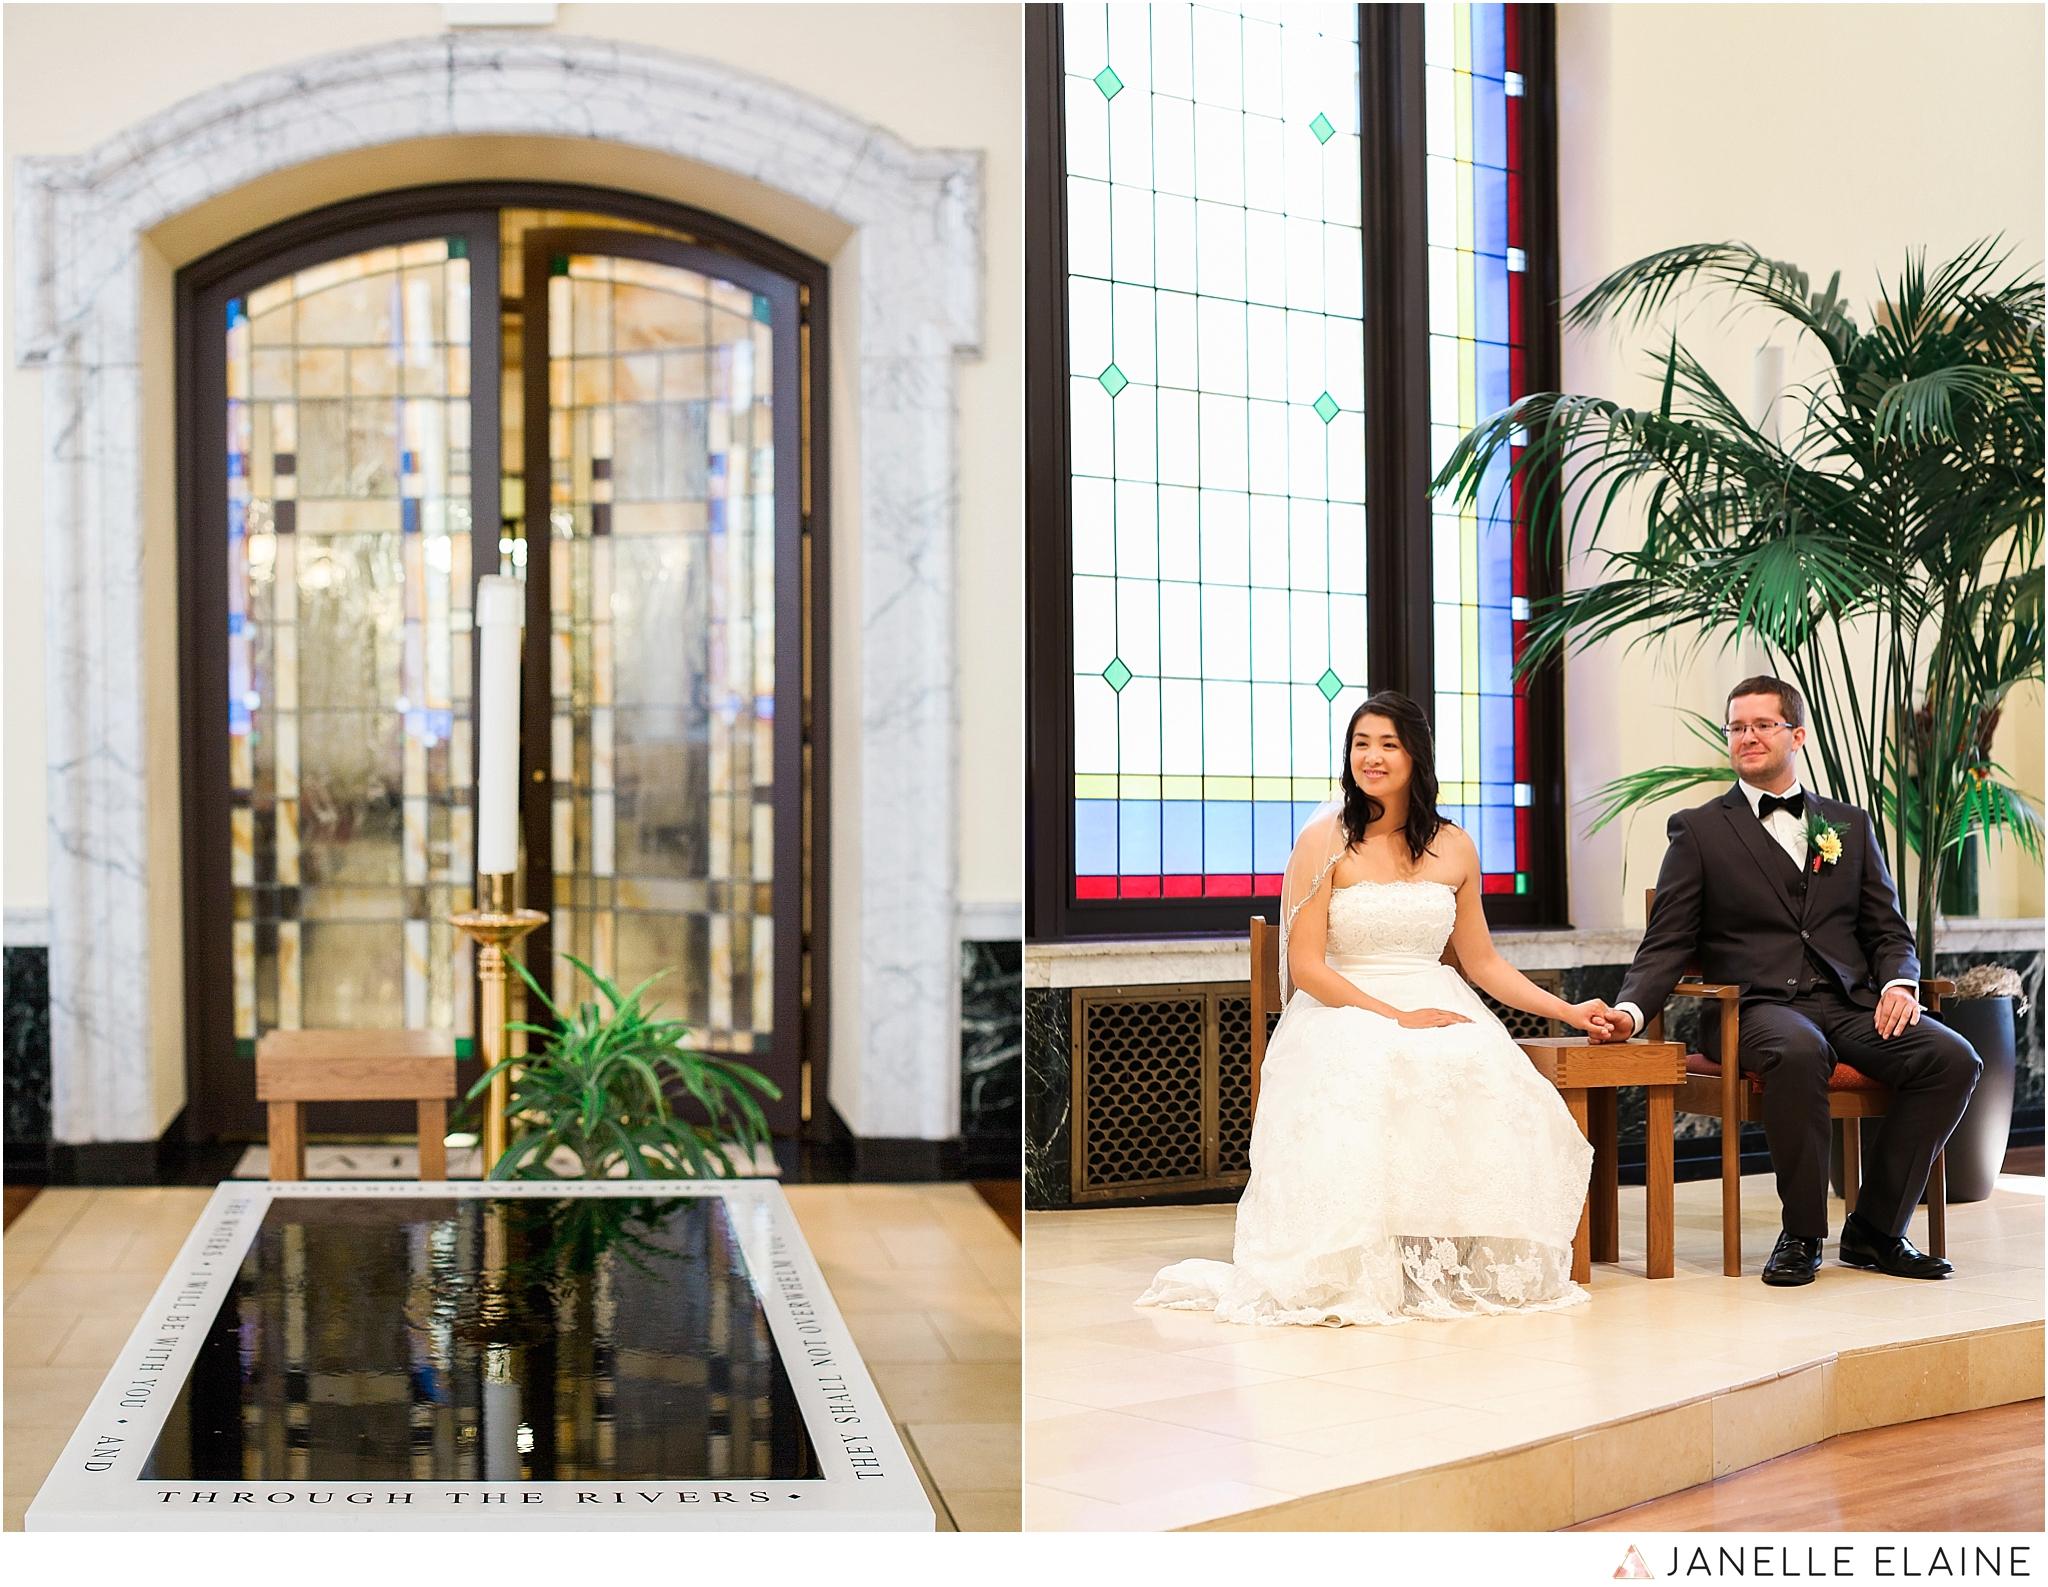 janelle elaine photography-professional wedding photographer seattle--2.jpg